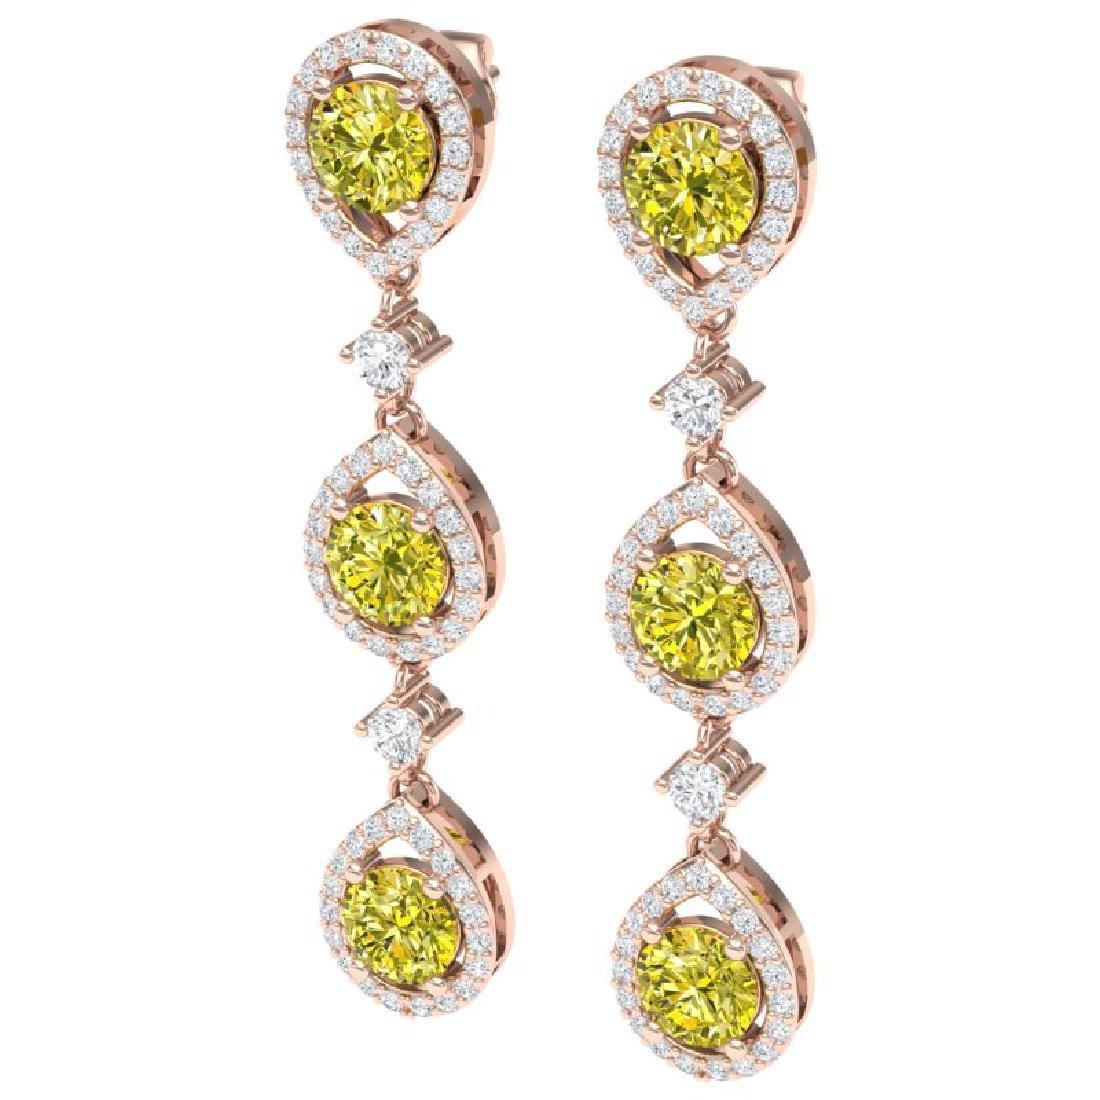 5.11 CTW Fancy Yellow SI Diamond Earrings 18K Rose Gold - 2